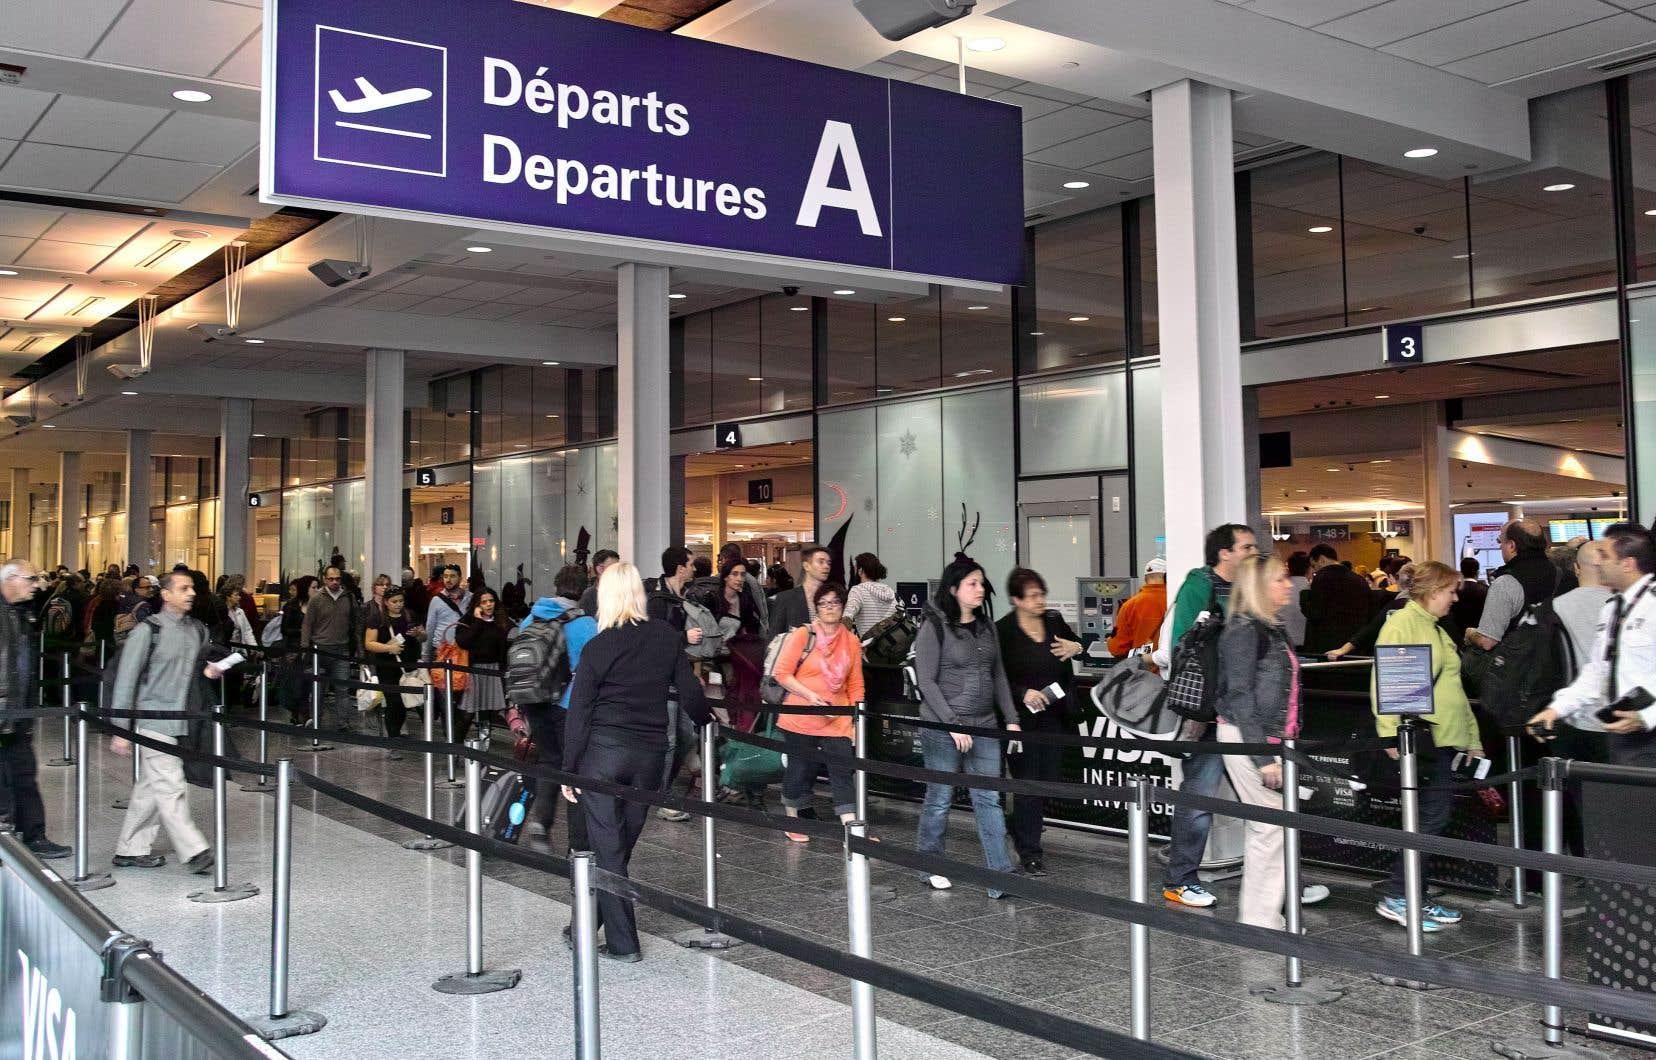 Les transporteurs veulent faire annuler les règles qui renforcent l'indemnisation des voyageurs victimes de retards ou de bagages endommagés.